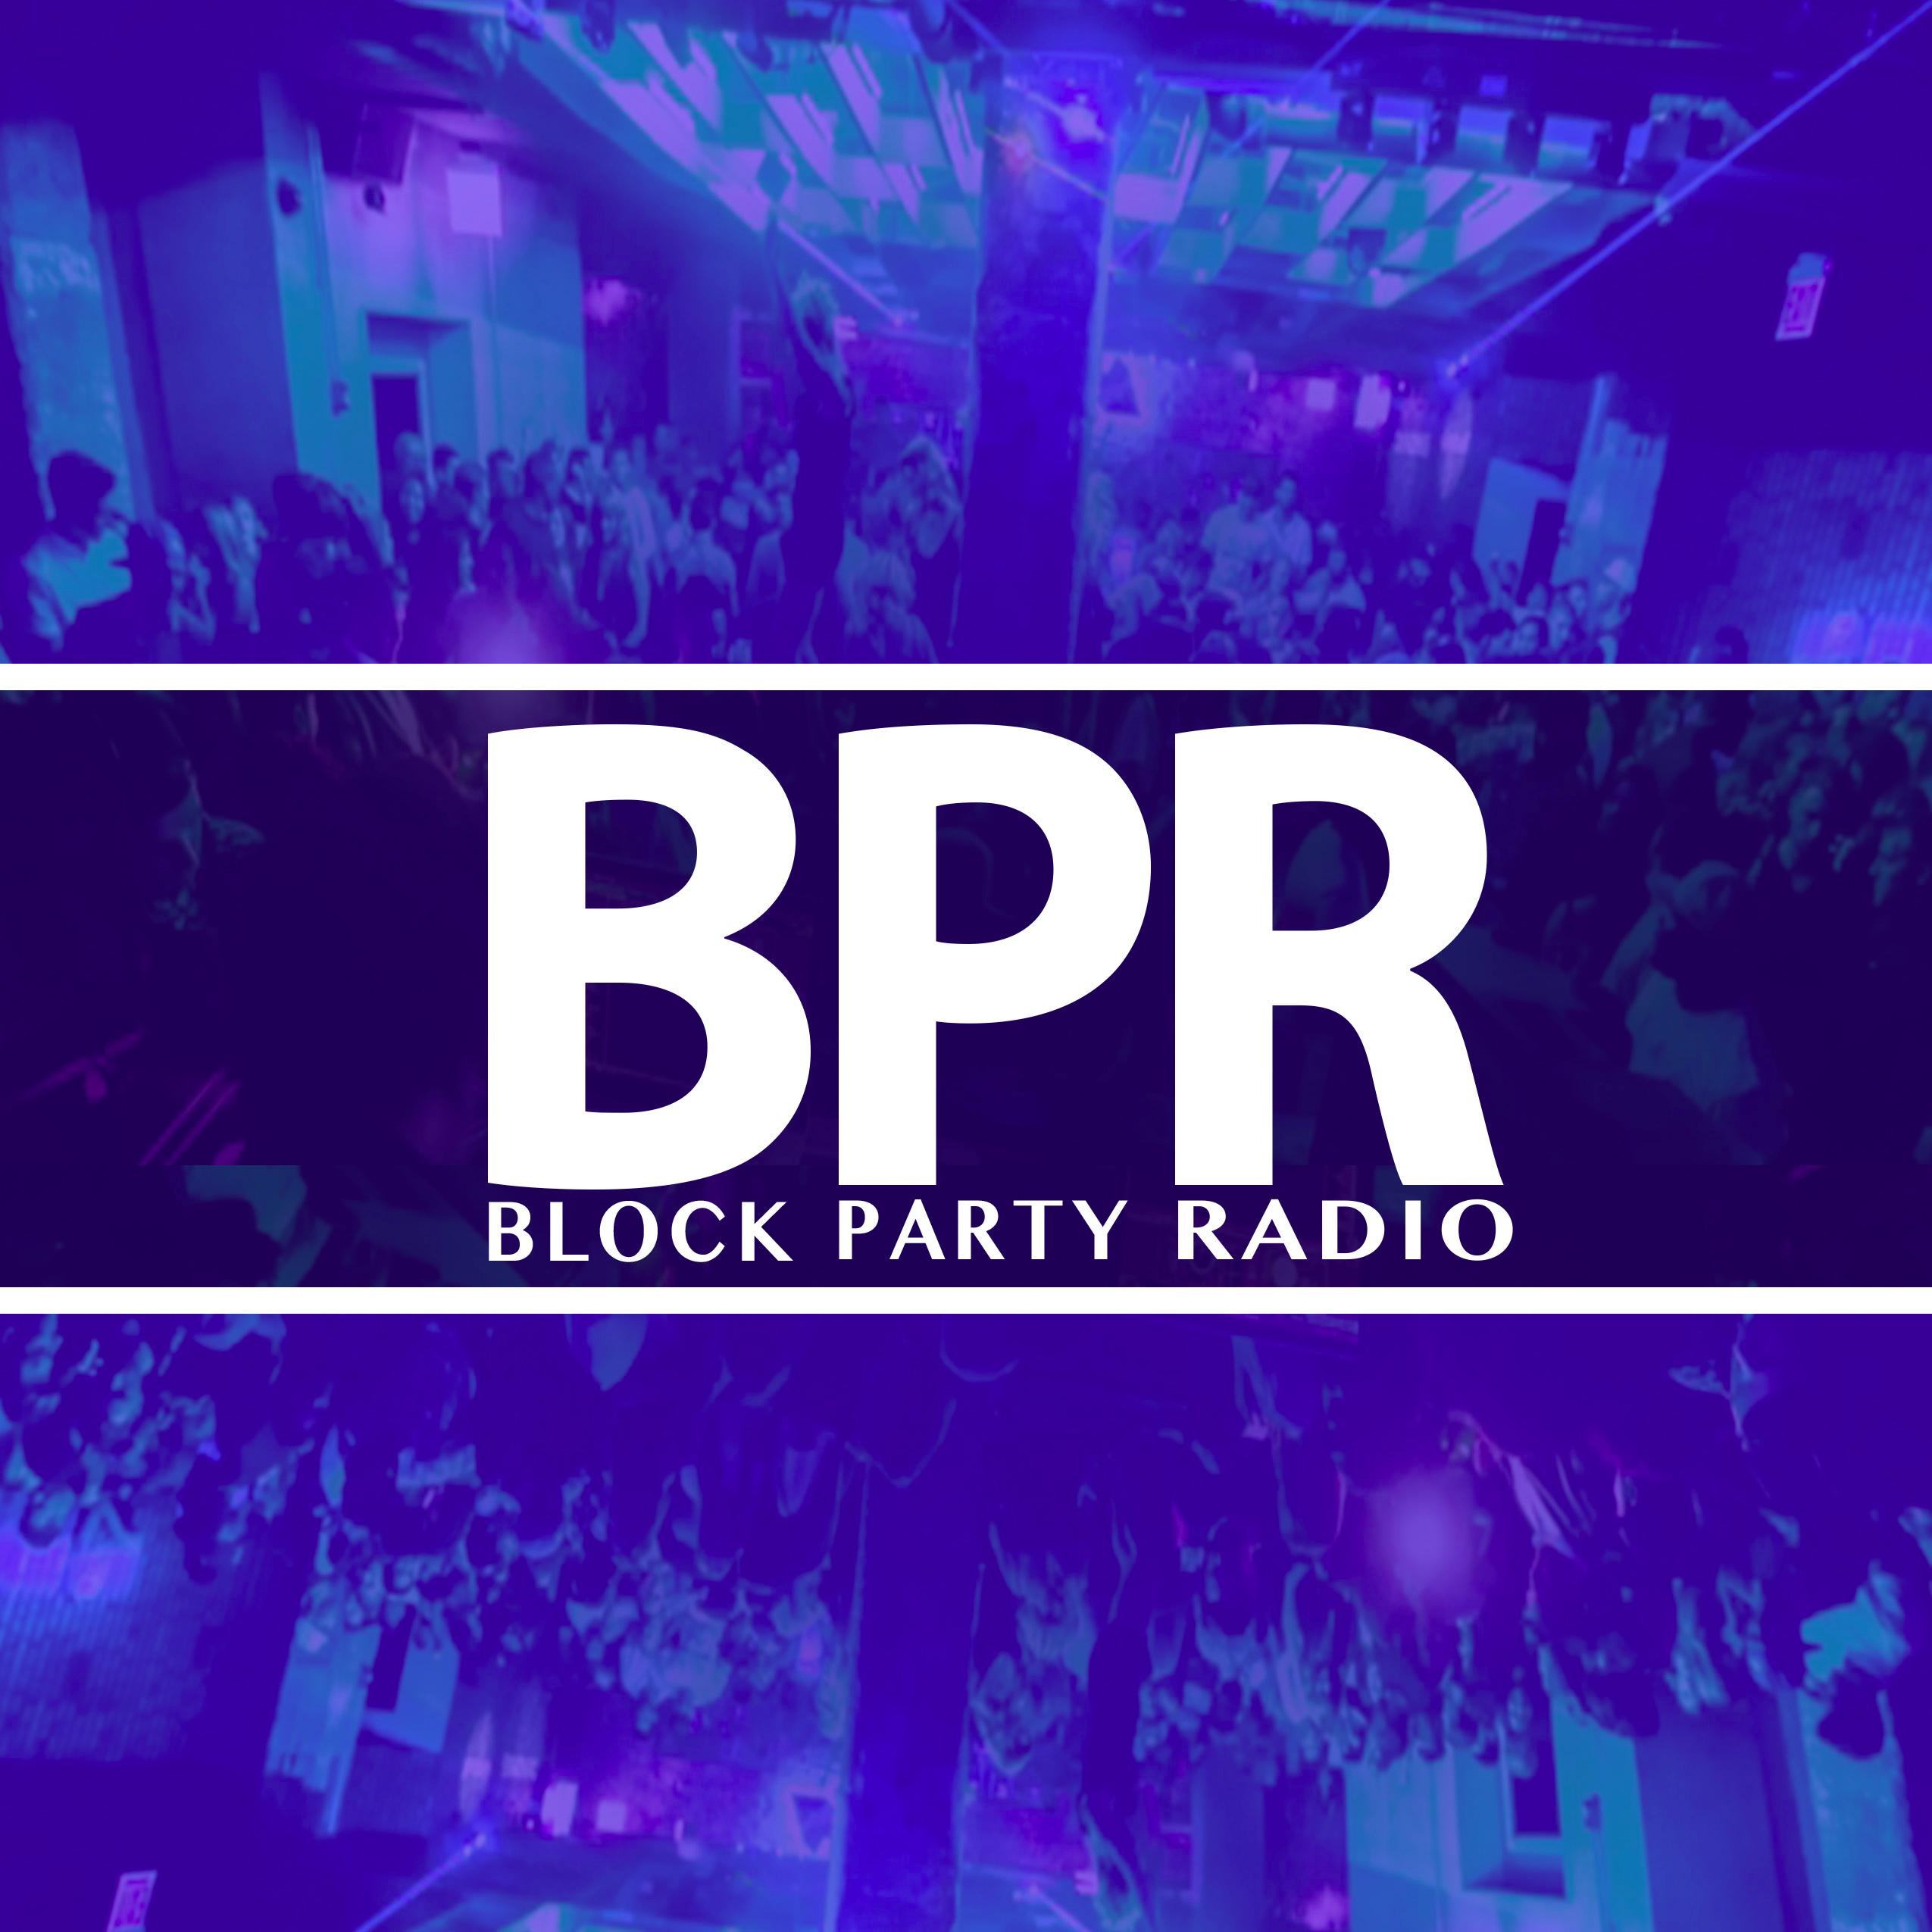 Block Party Radio